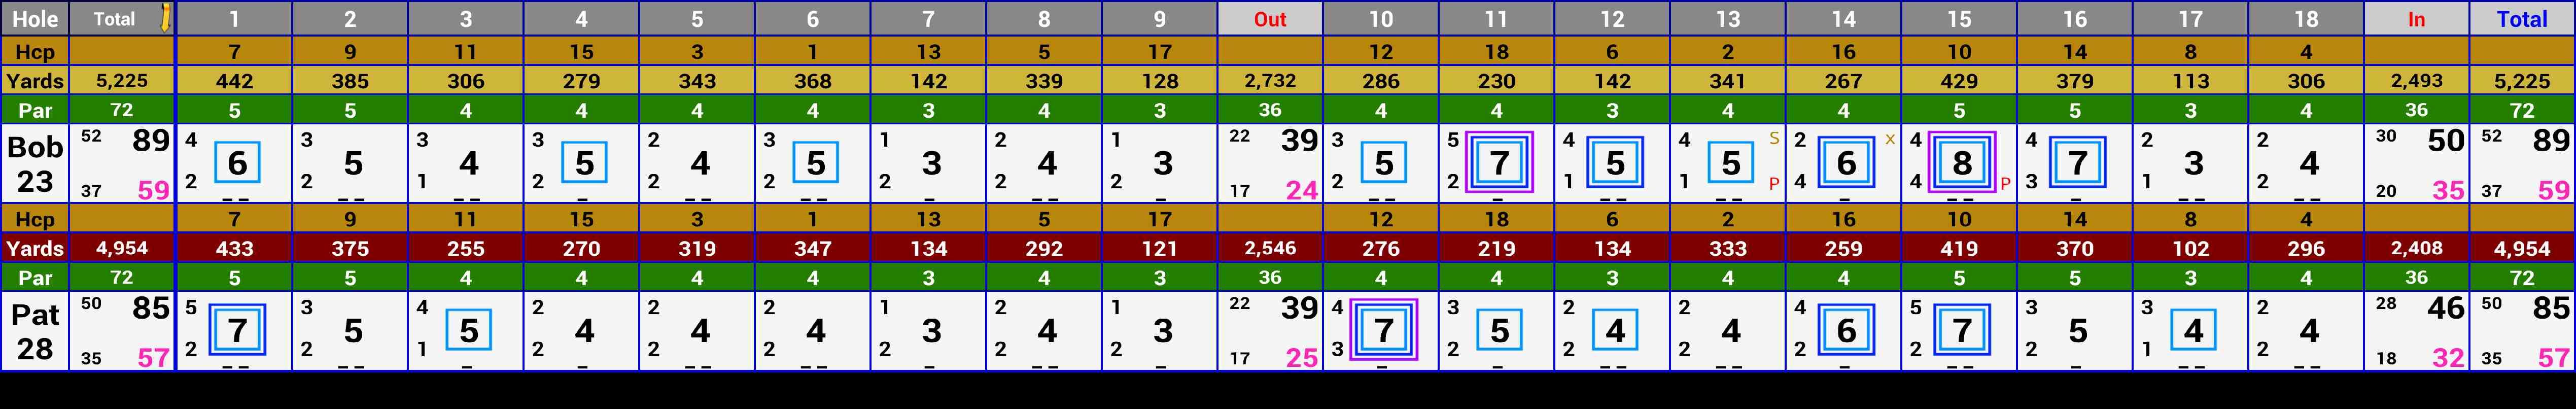 GolfScoreRound-20150405 - 13_02.jpeg